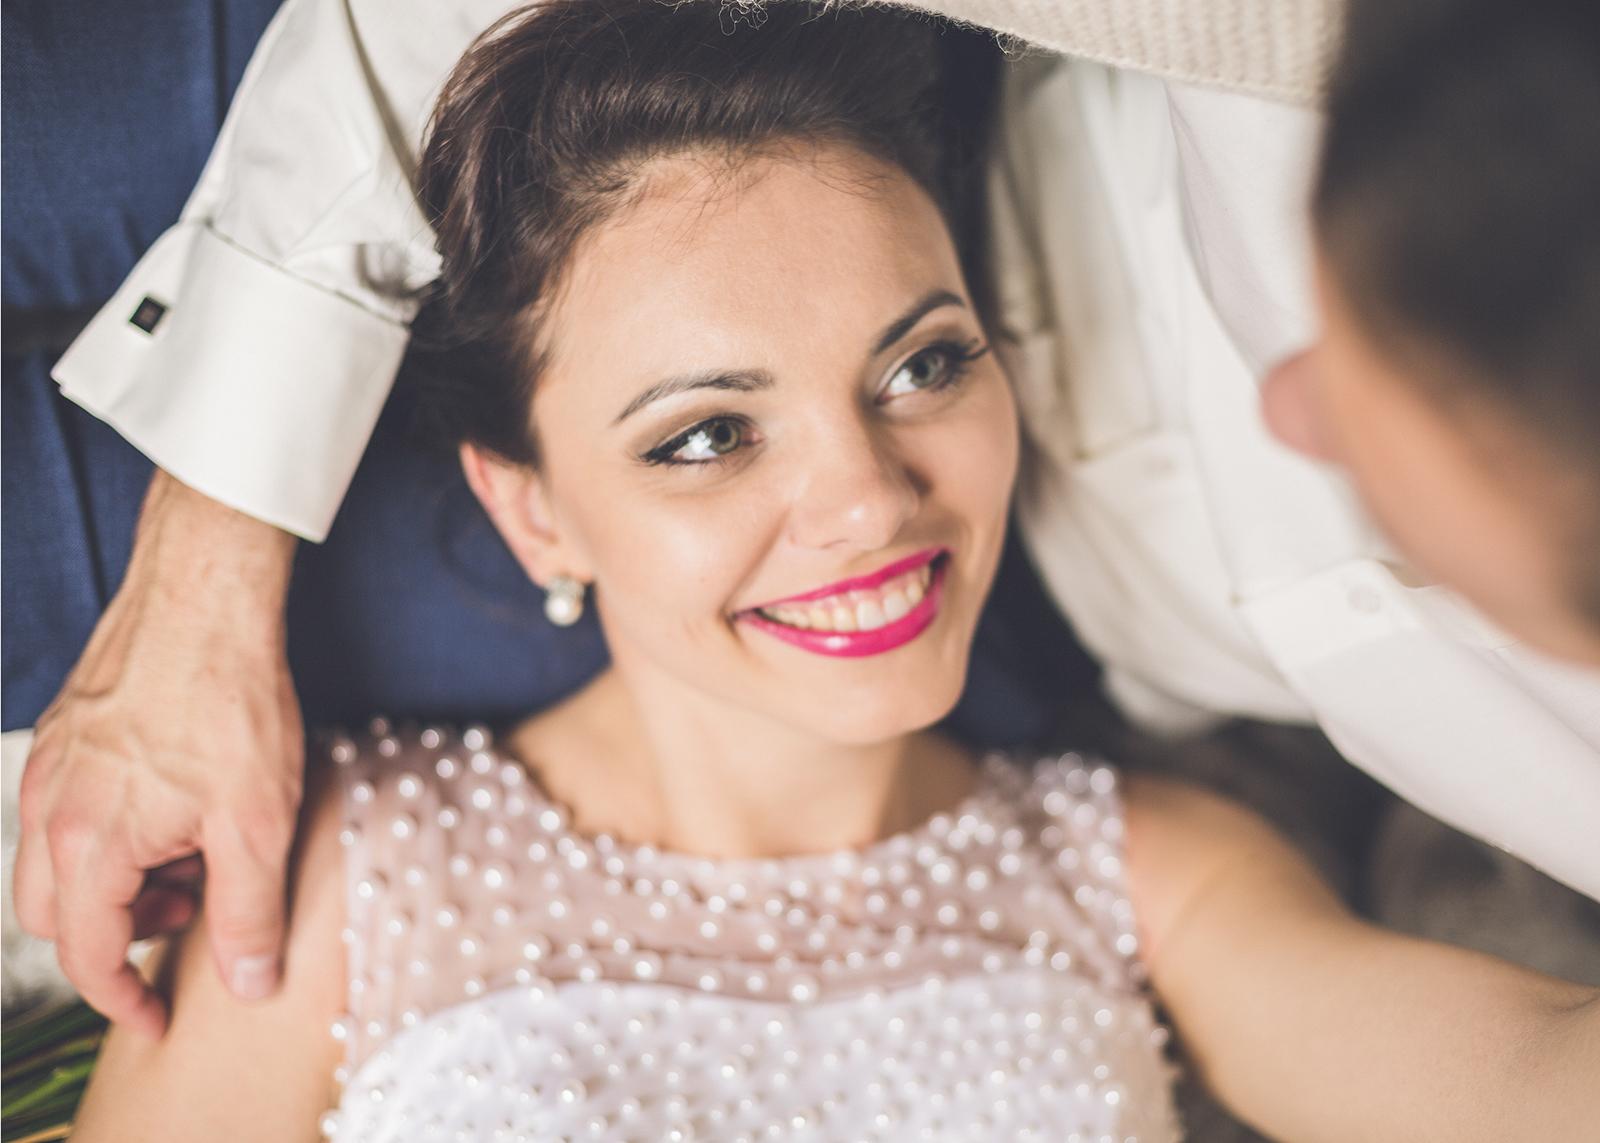 Фотограф на свадьбу услуги